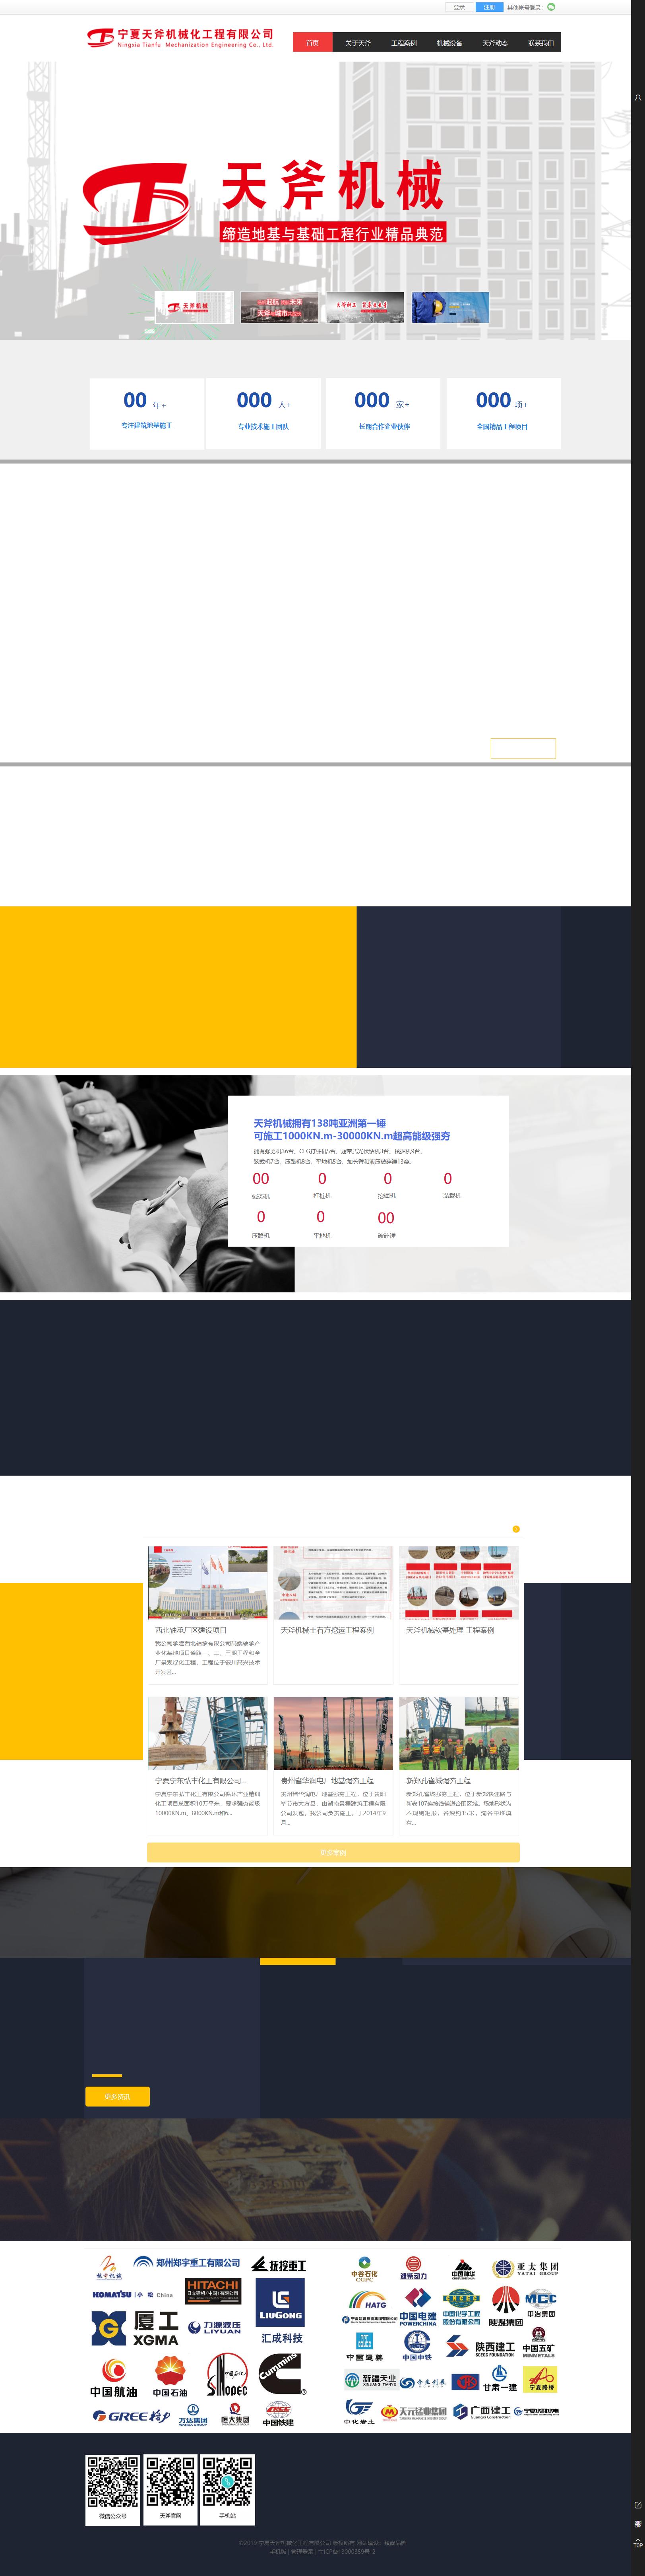 宁夏天斧机械化工程有限公司网站案例